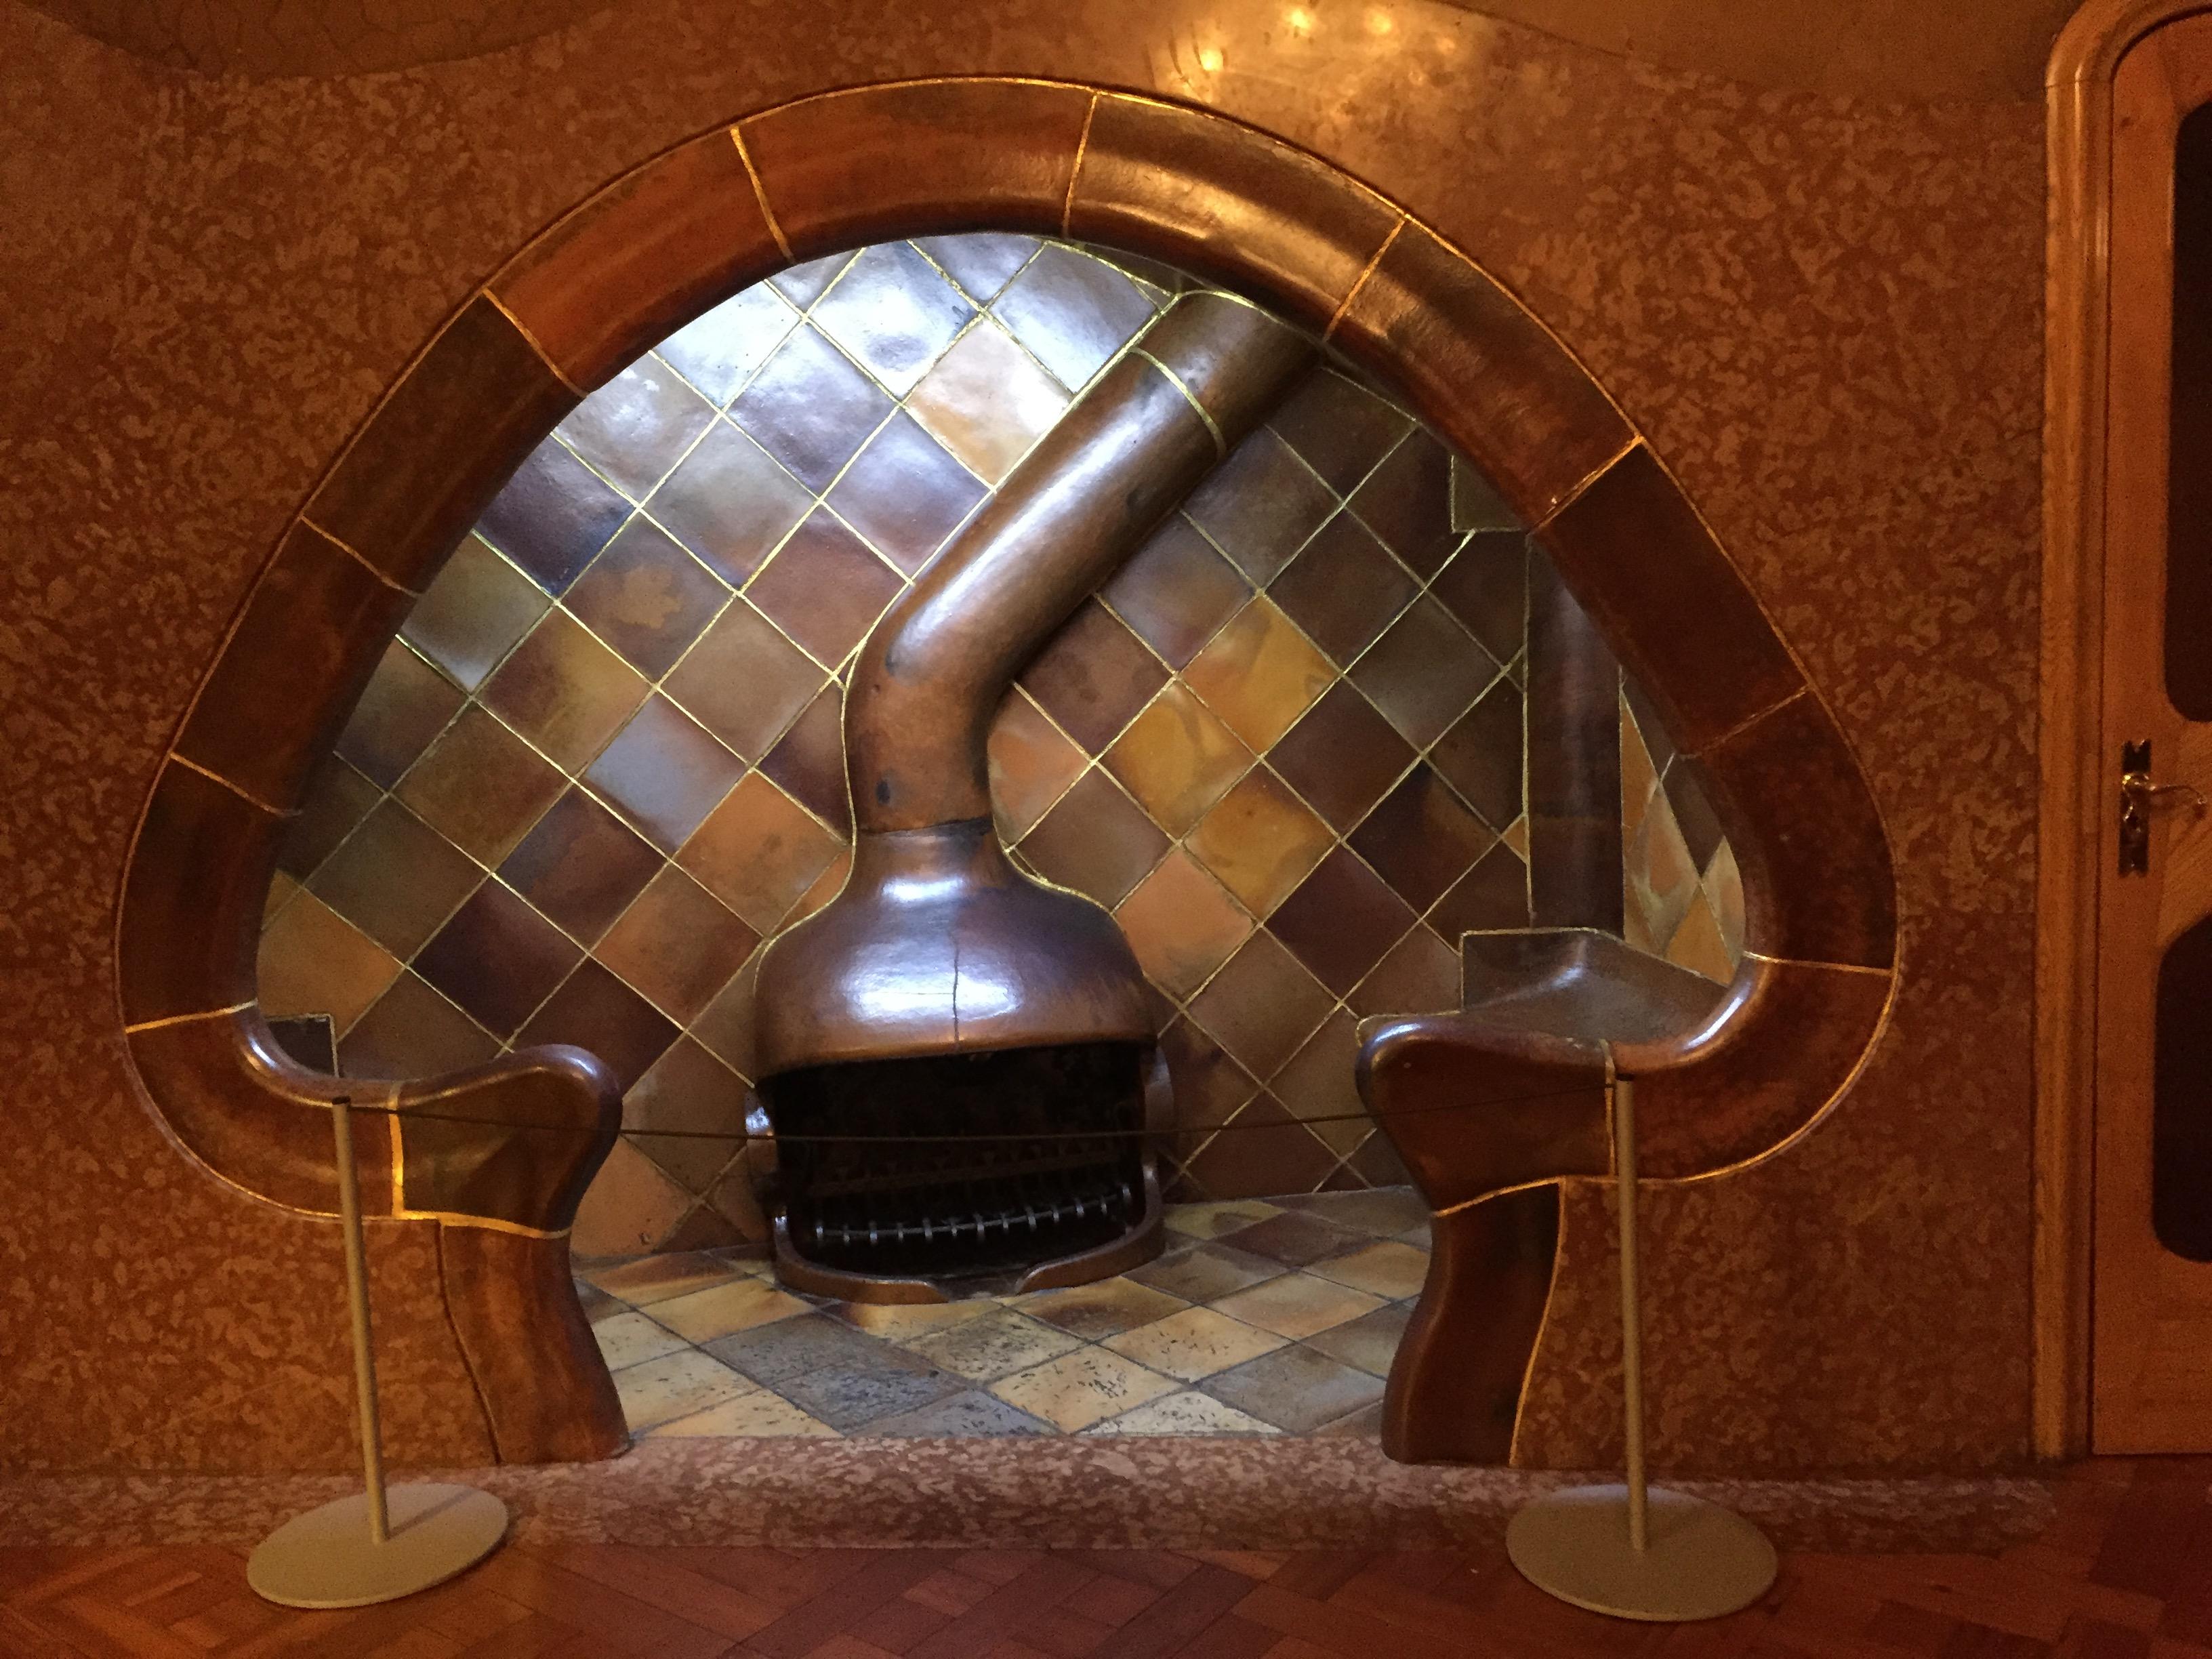 IMG 0826 - Visita a la Casa Batlló en Barcelona Parte I/II